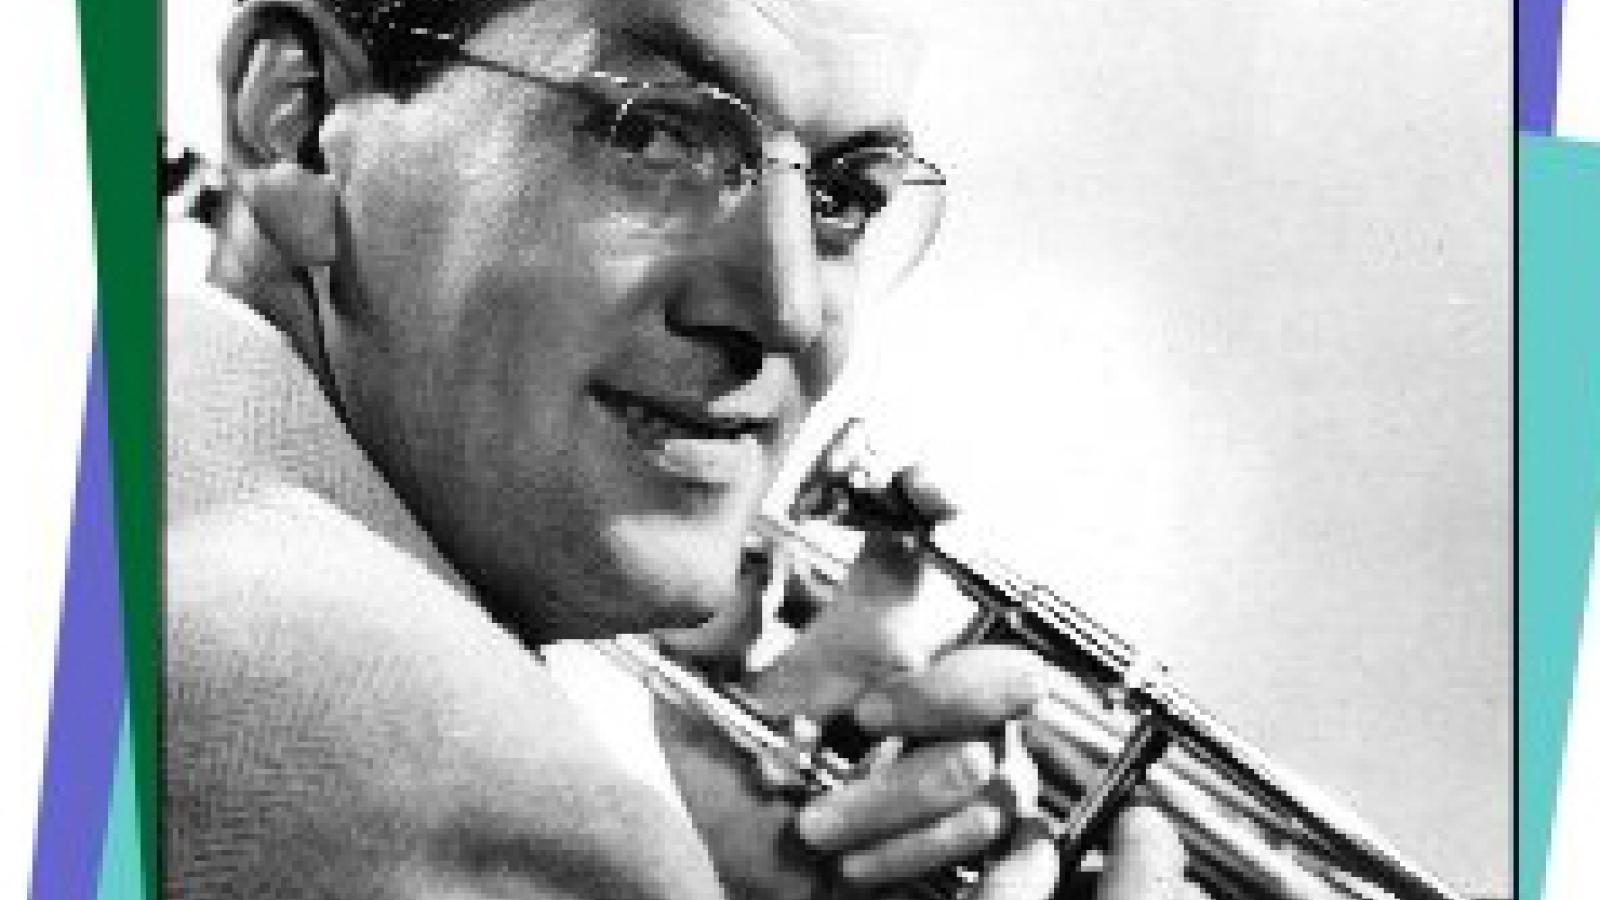 Glenn Miller and his trombone